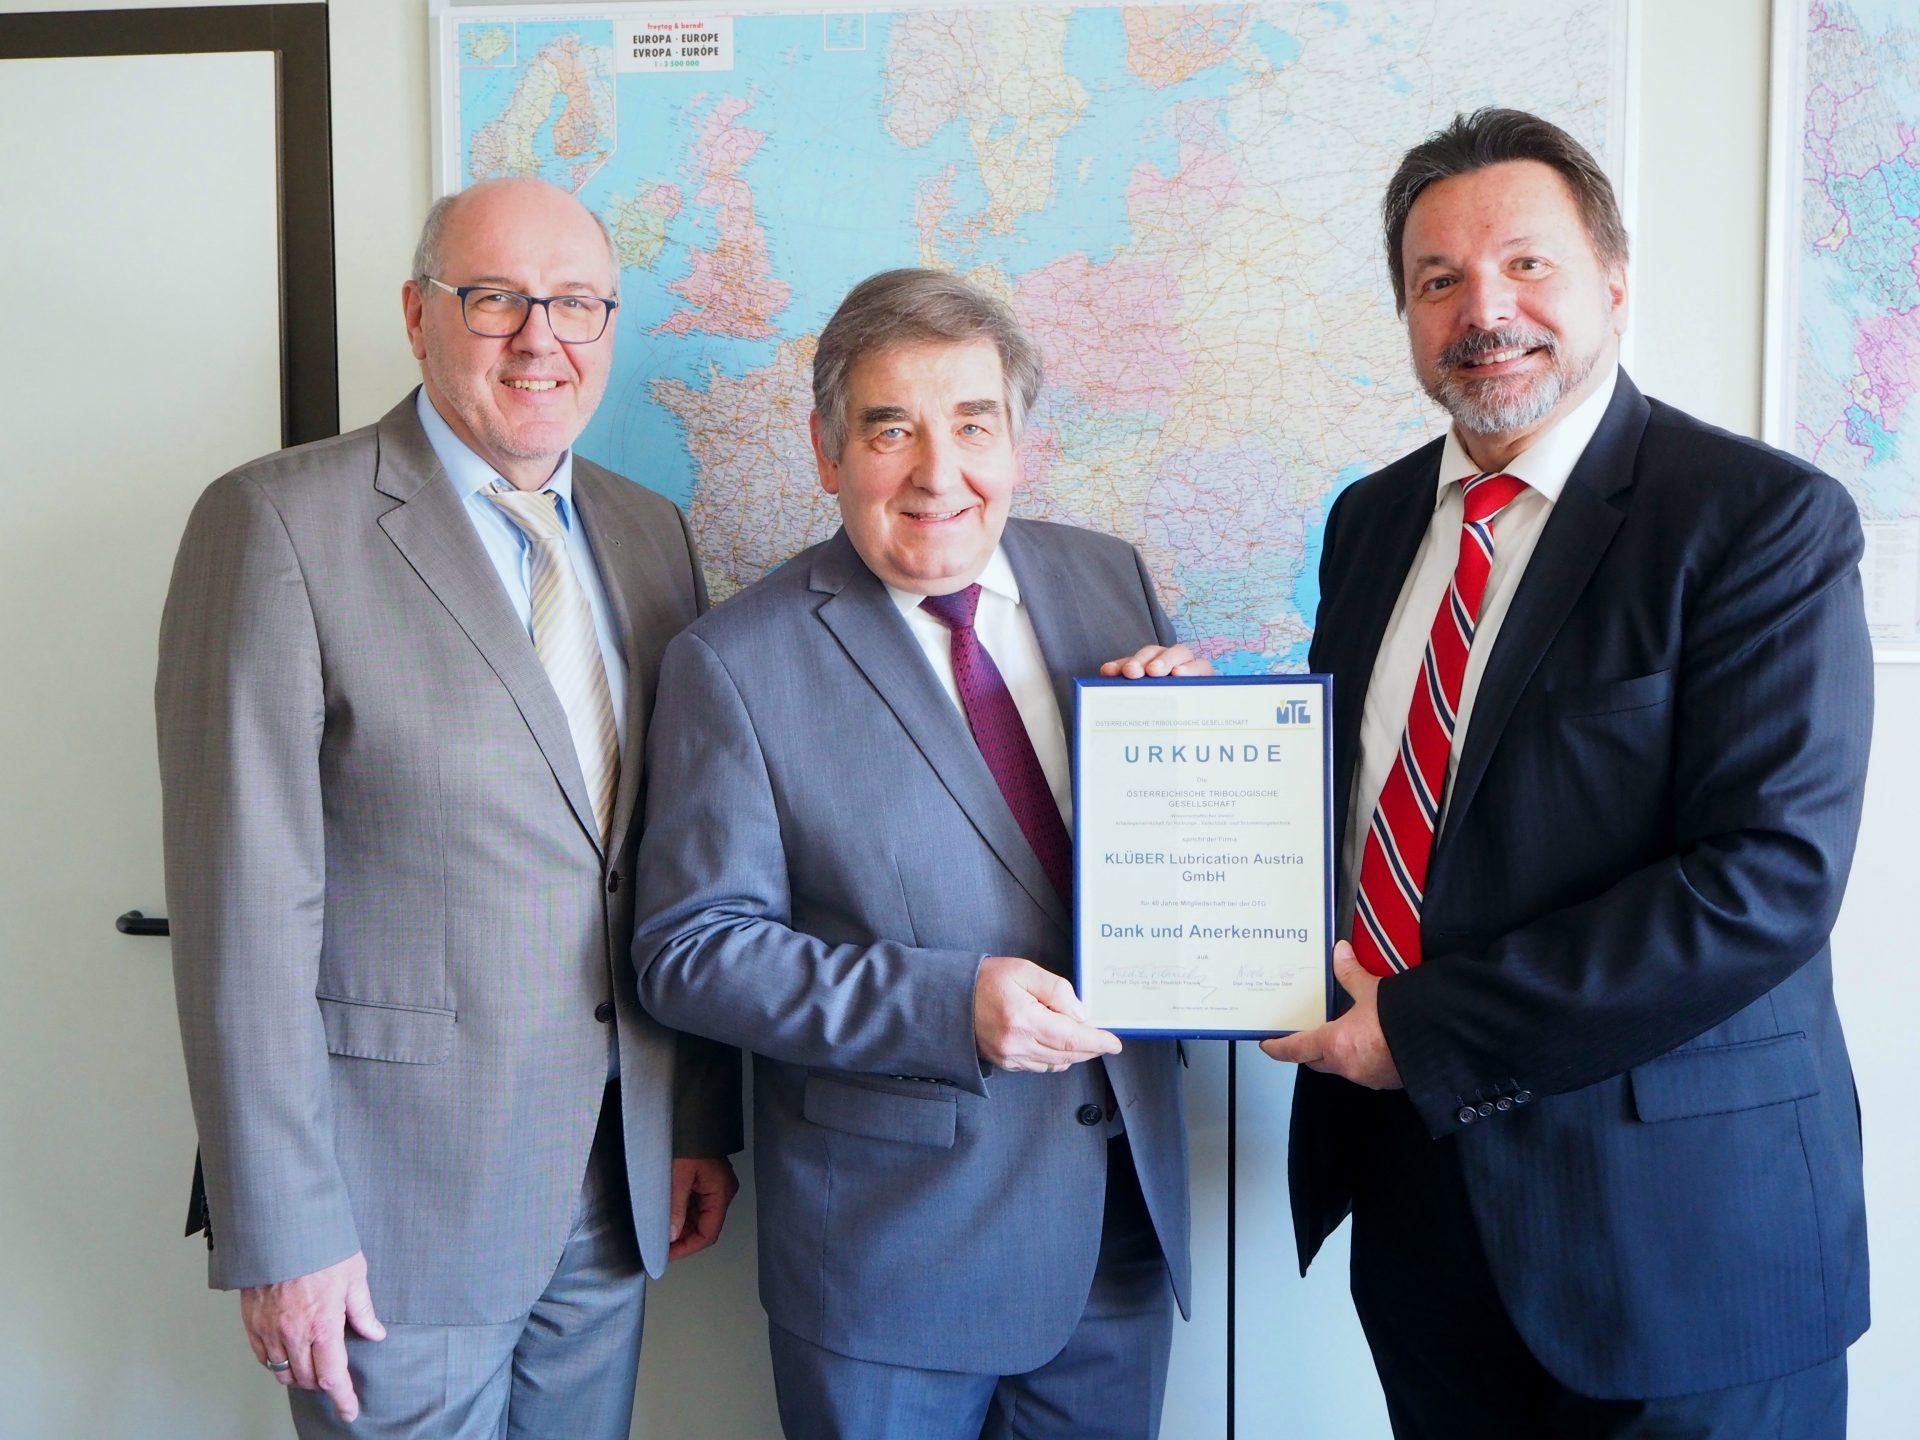 Honour for KLÜBER Lubrication Austria GmbH – 40 years ÖTG member